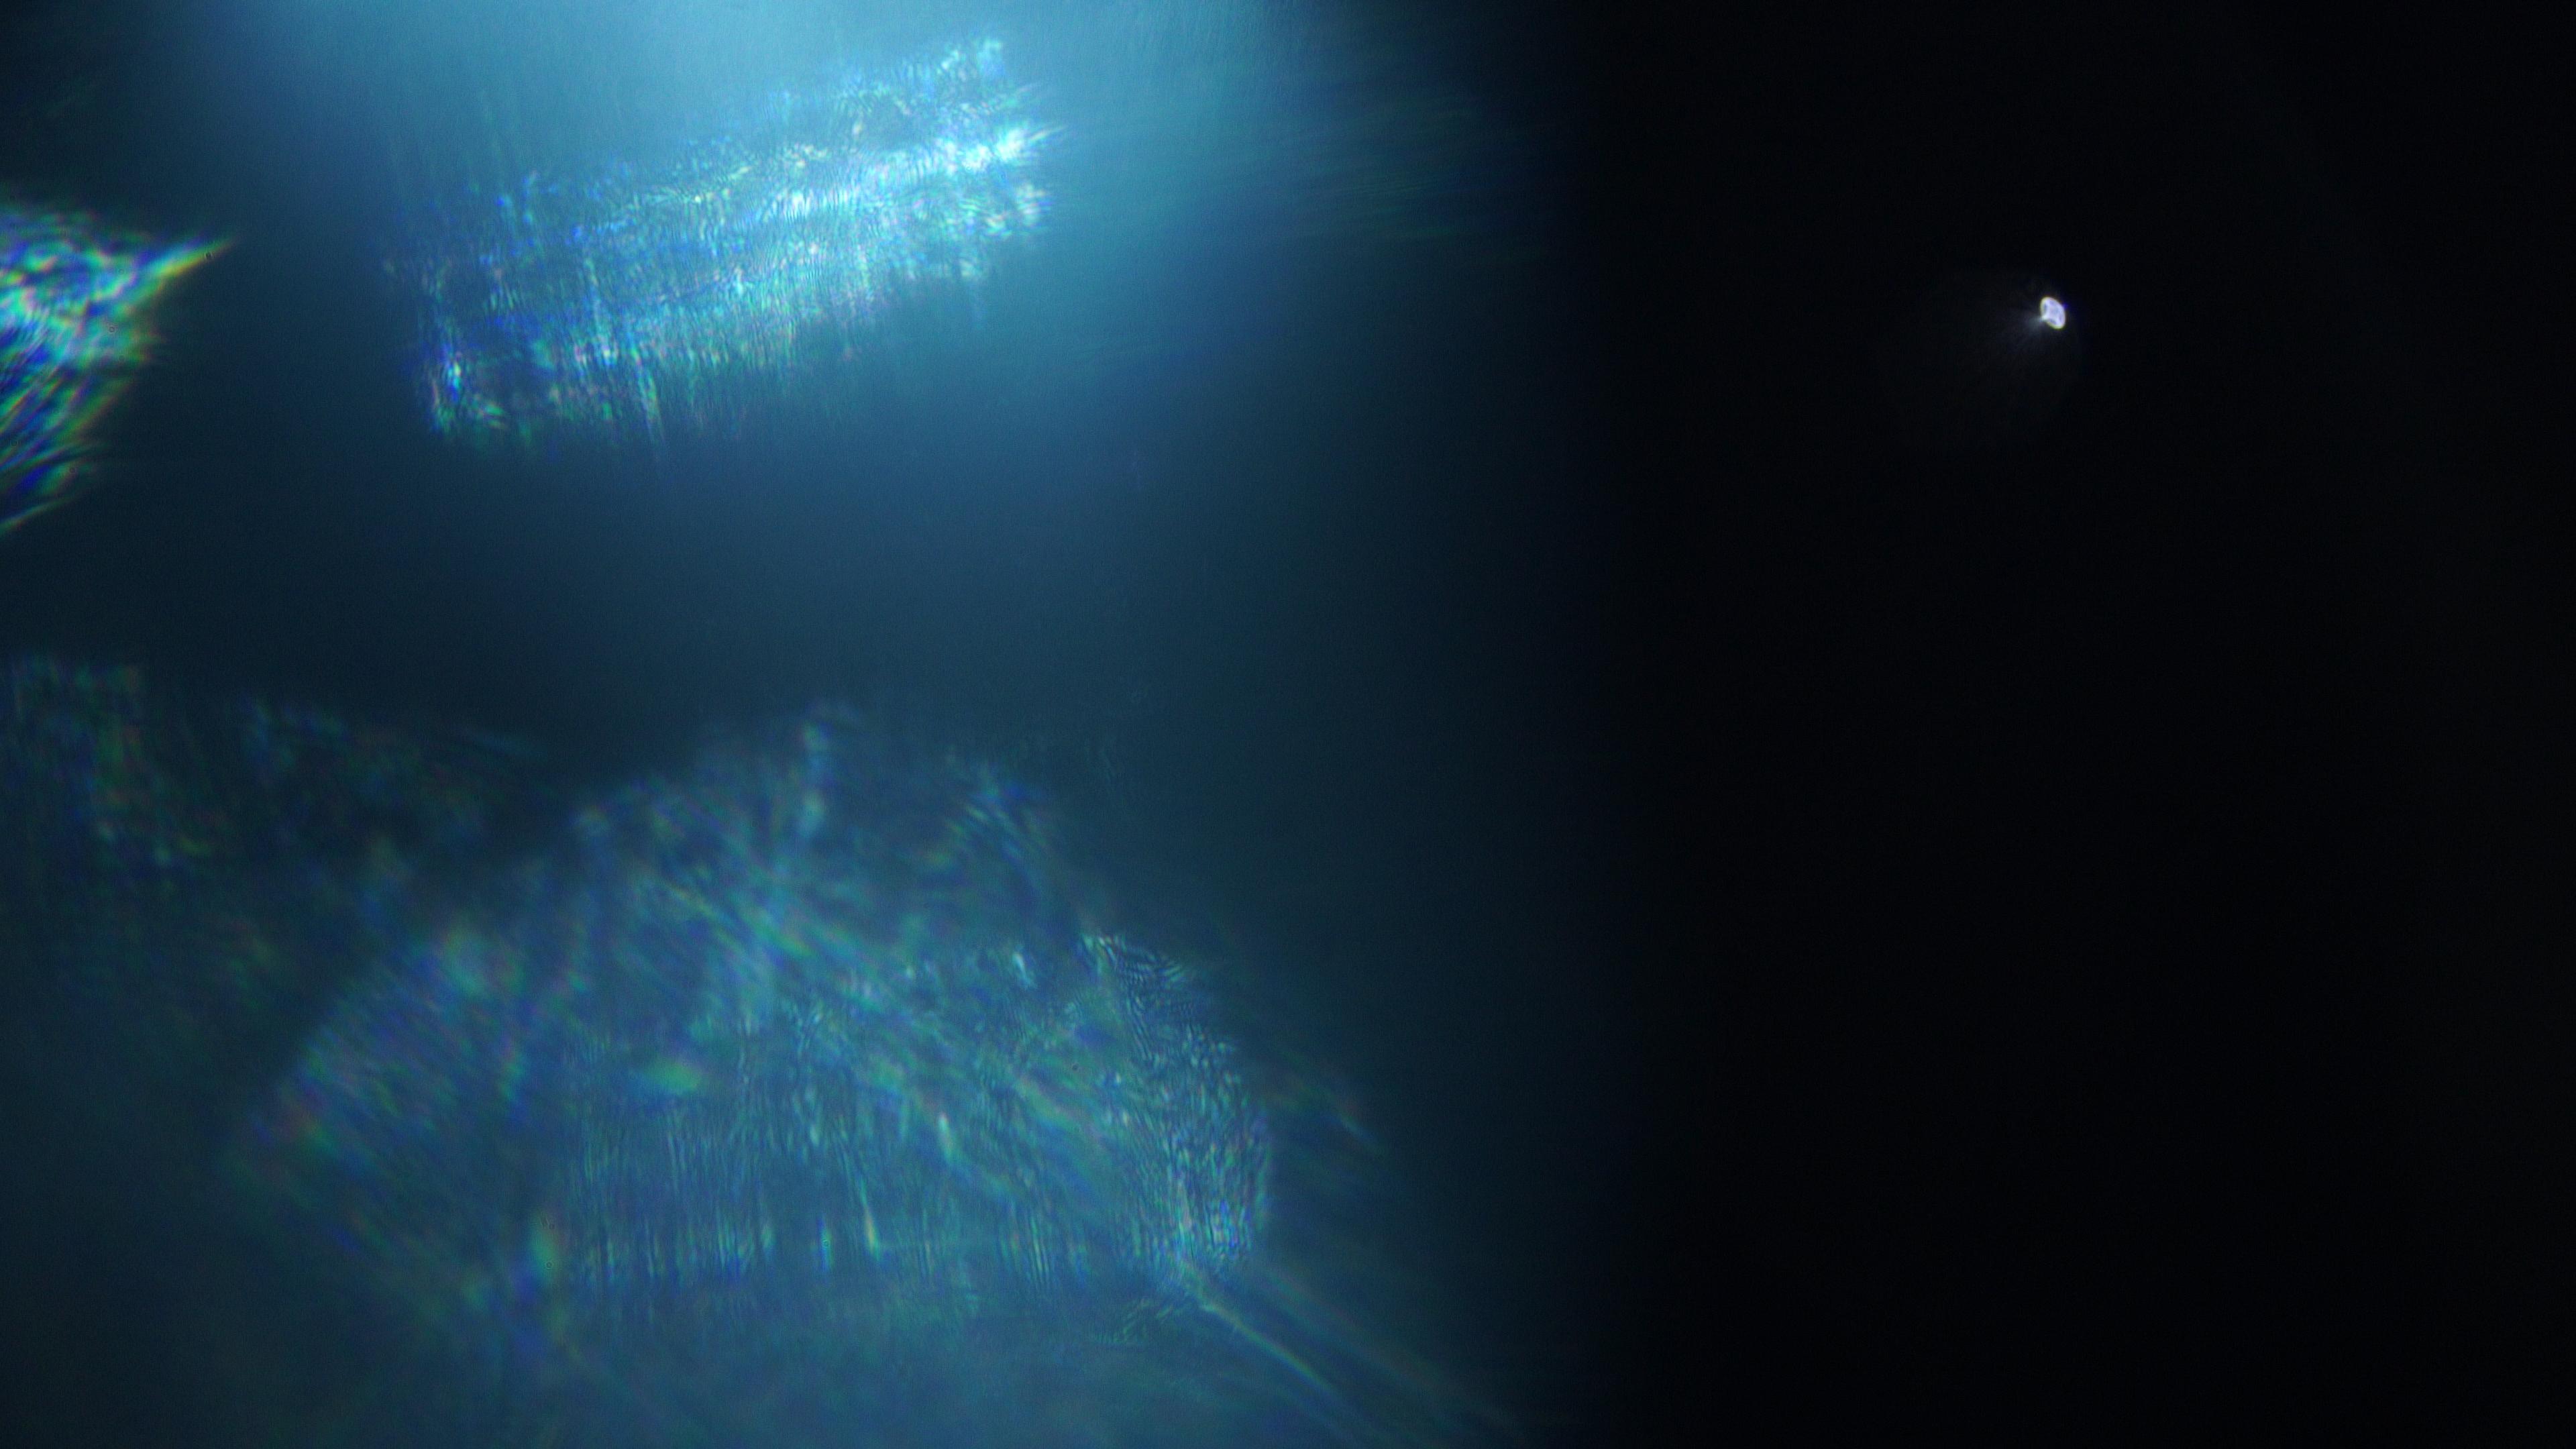 4K lens flare video